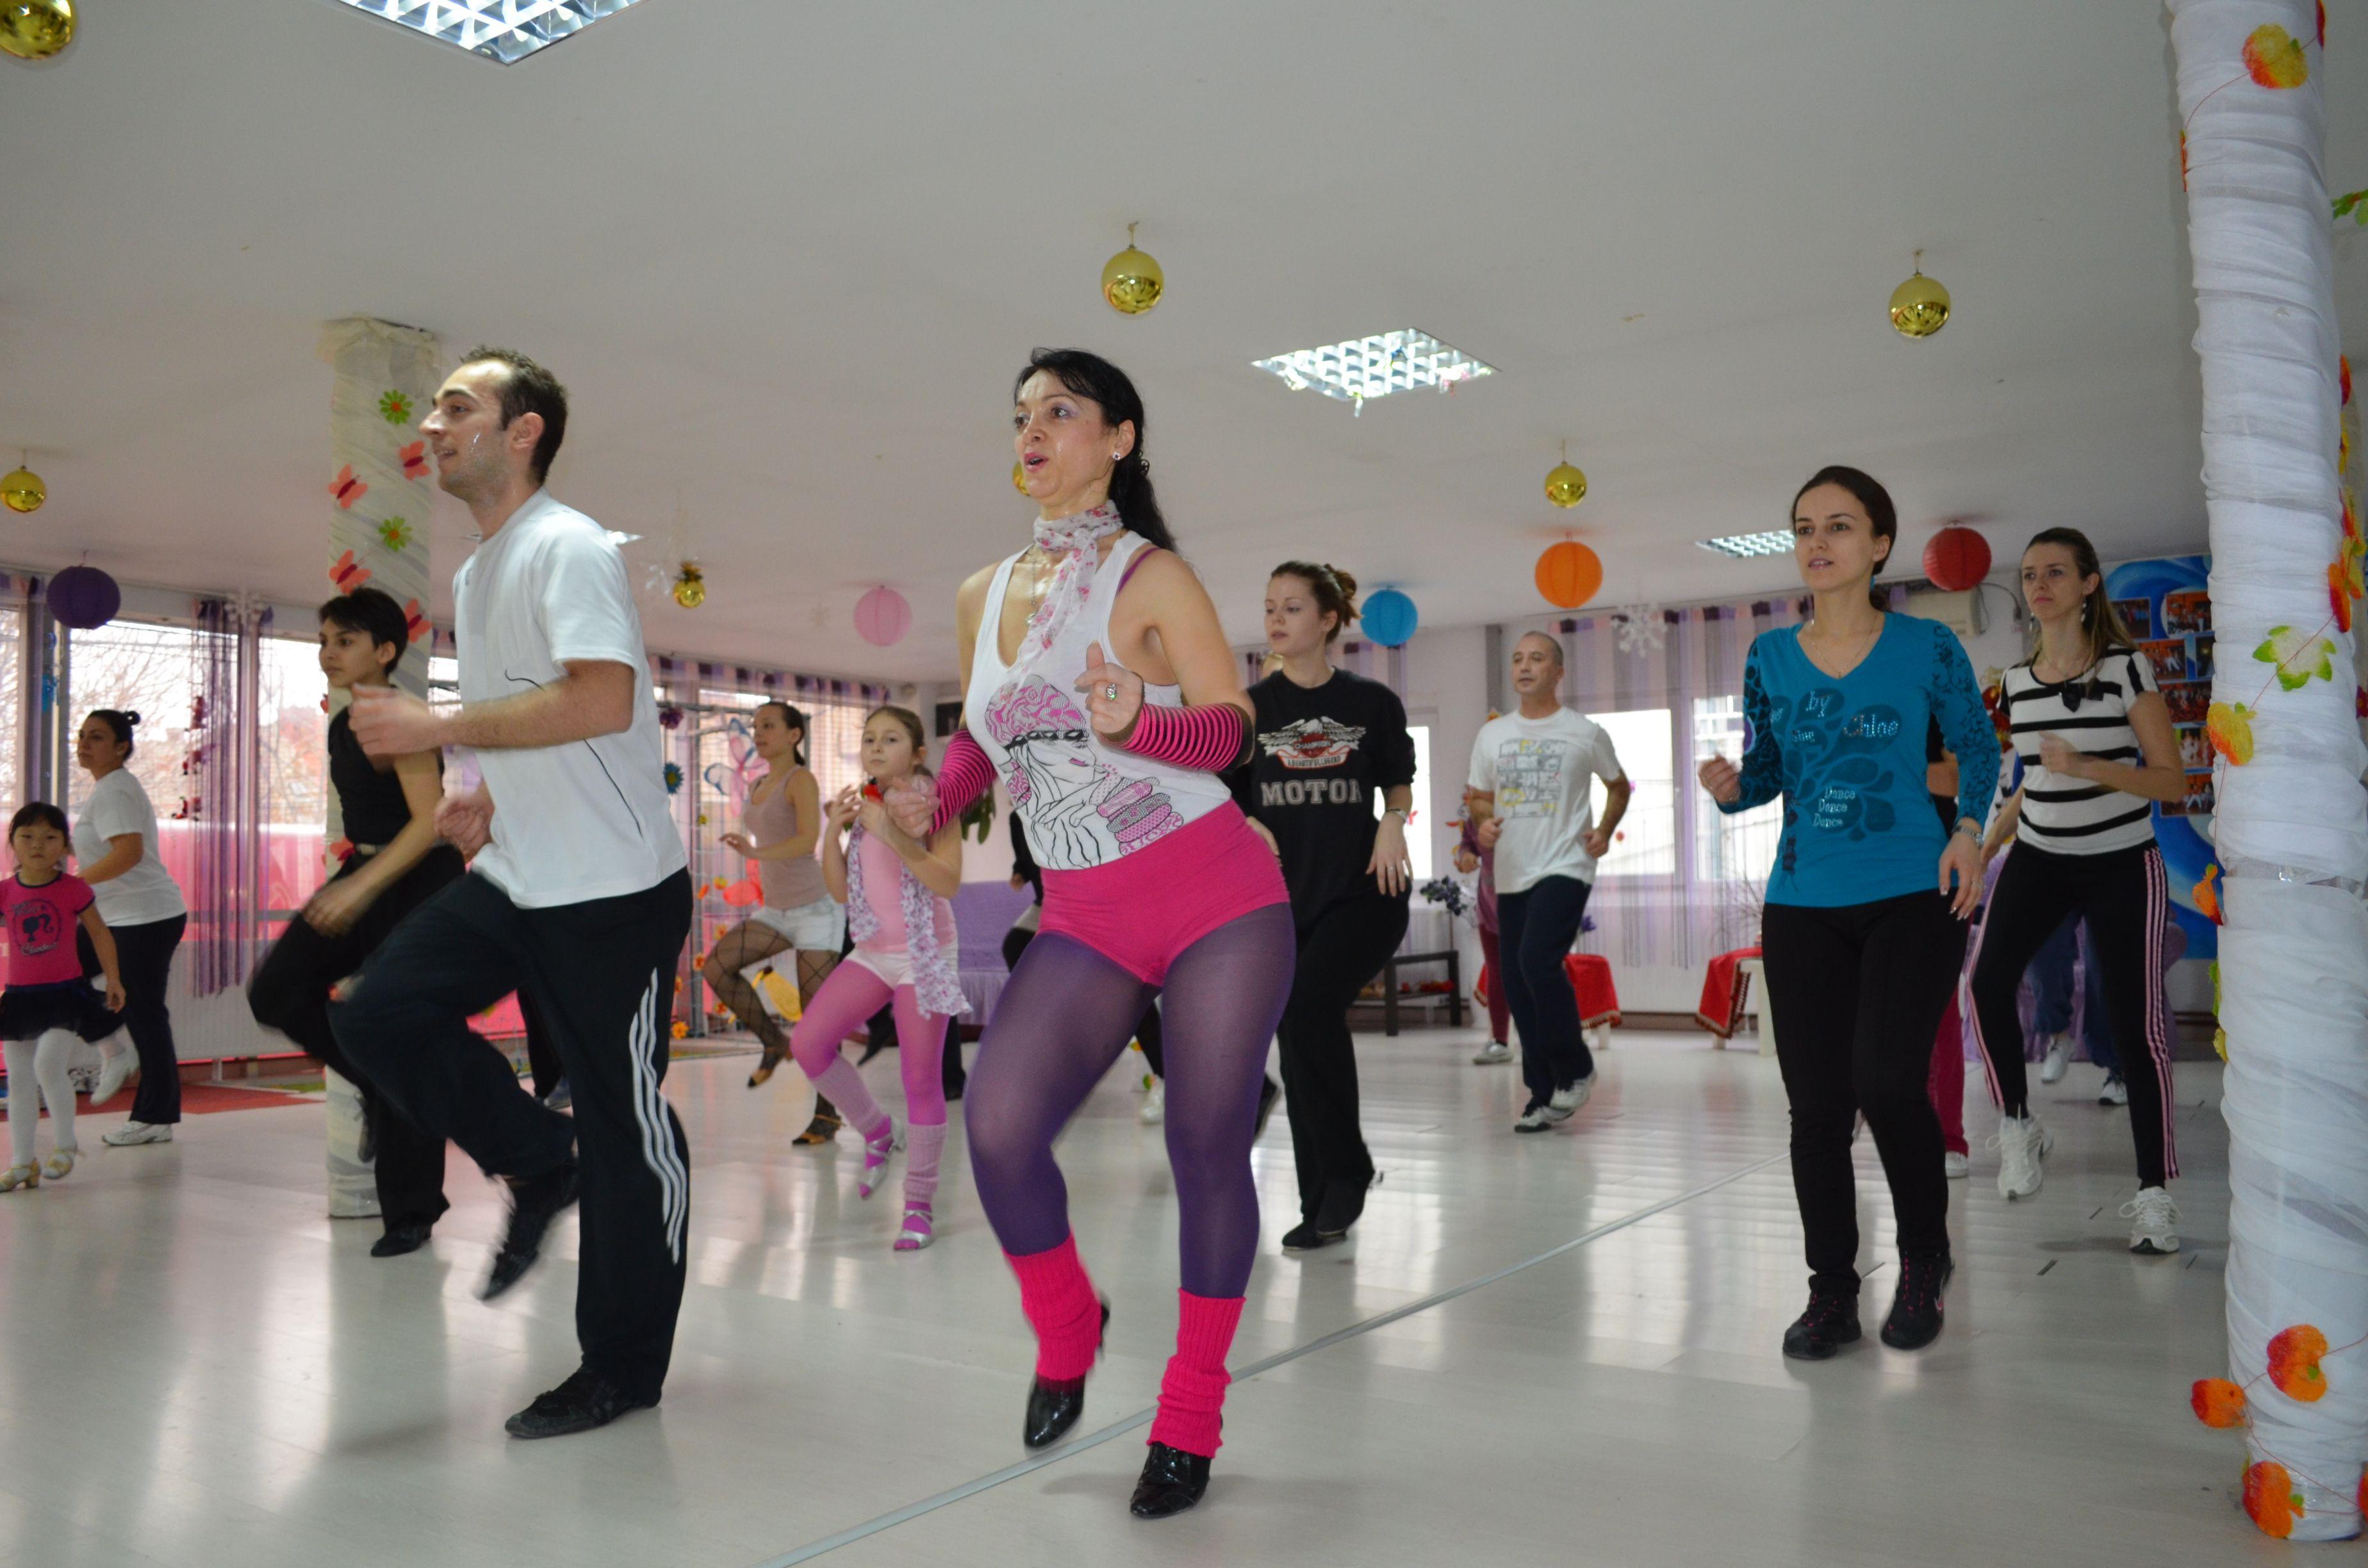 http://www.lotusdance.ro/cursuri-de-dans-grupe-adulti/  Cursuri de dans adulti